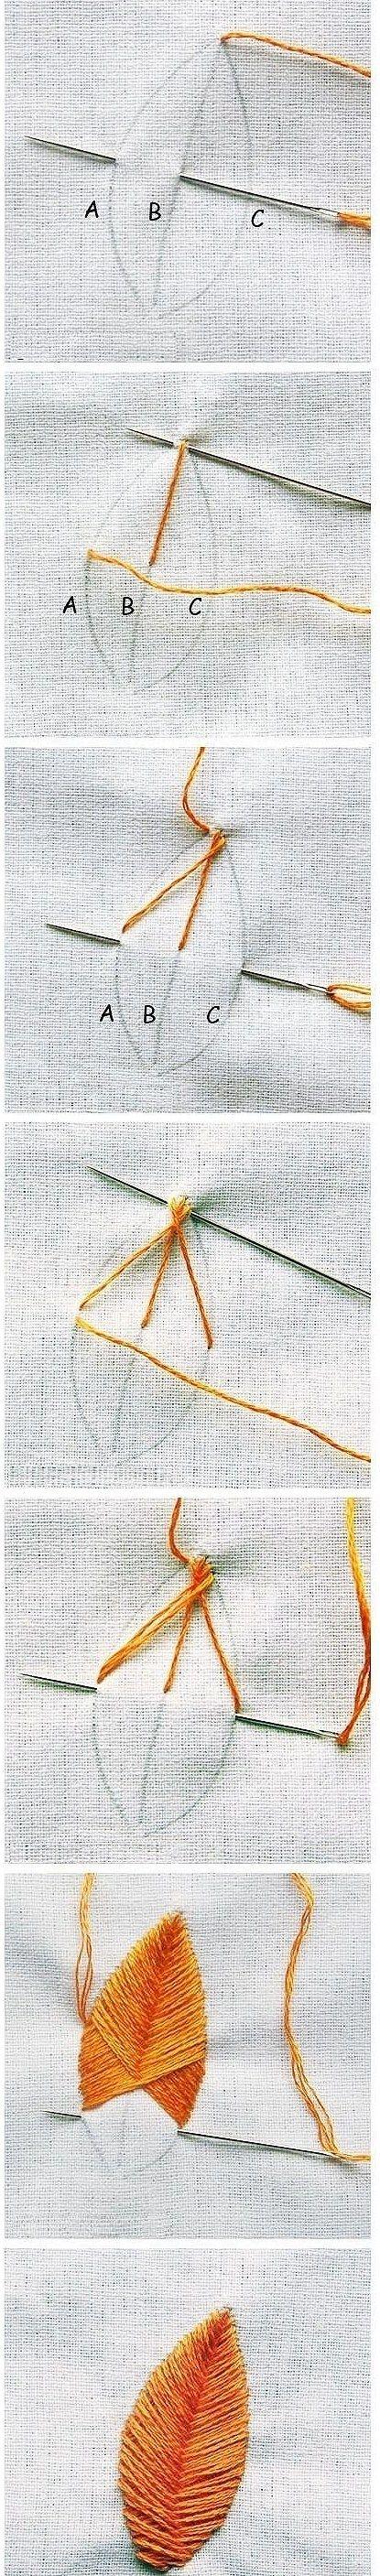 刺绣基础针法——叶子